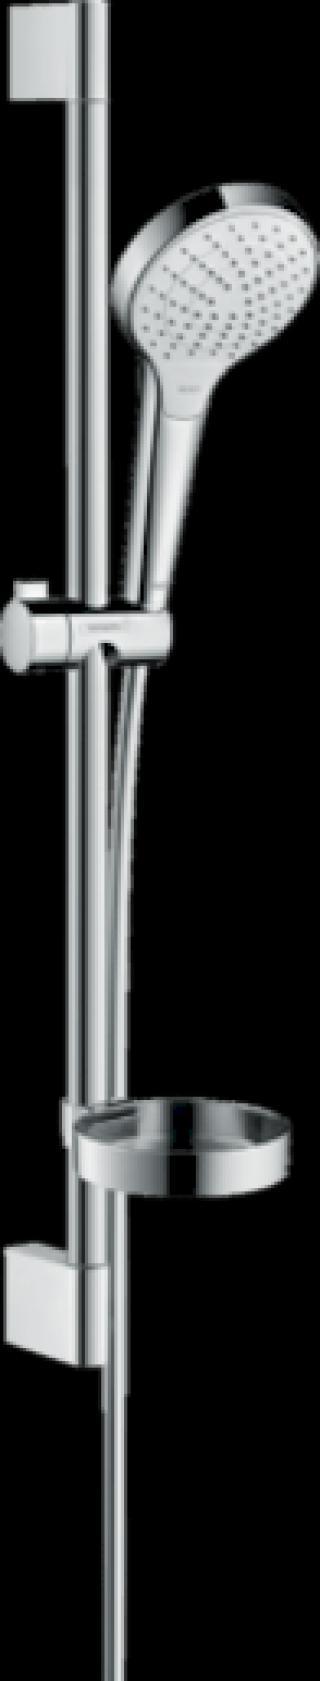 Sprchový set Hansgrohe Croma Select S bílá/chrom 26566400 chrom bílá